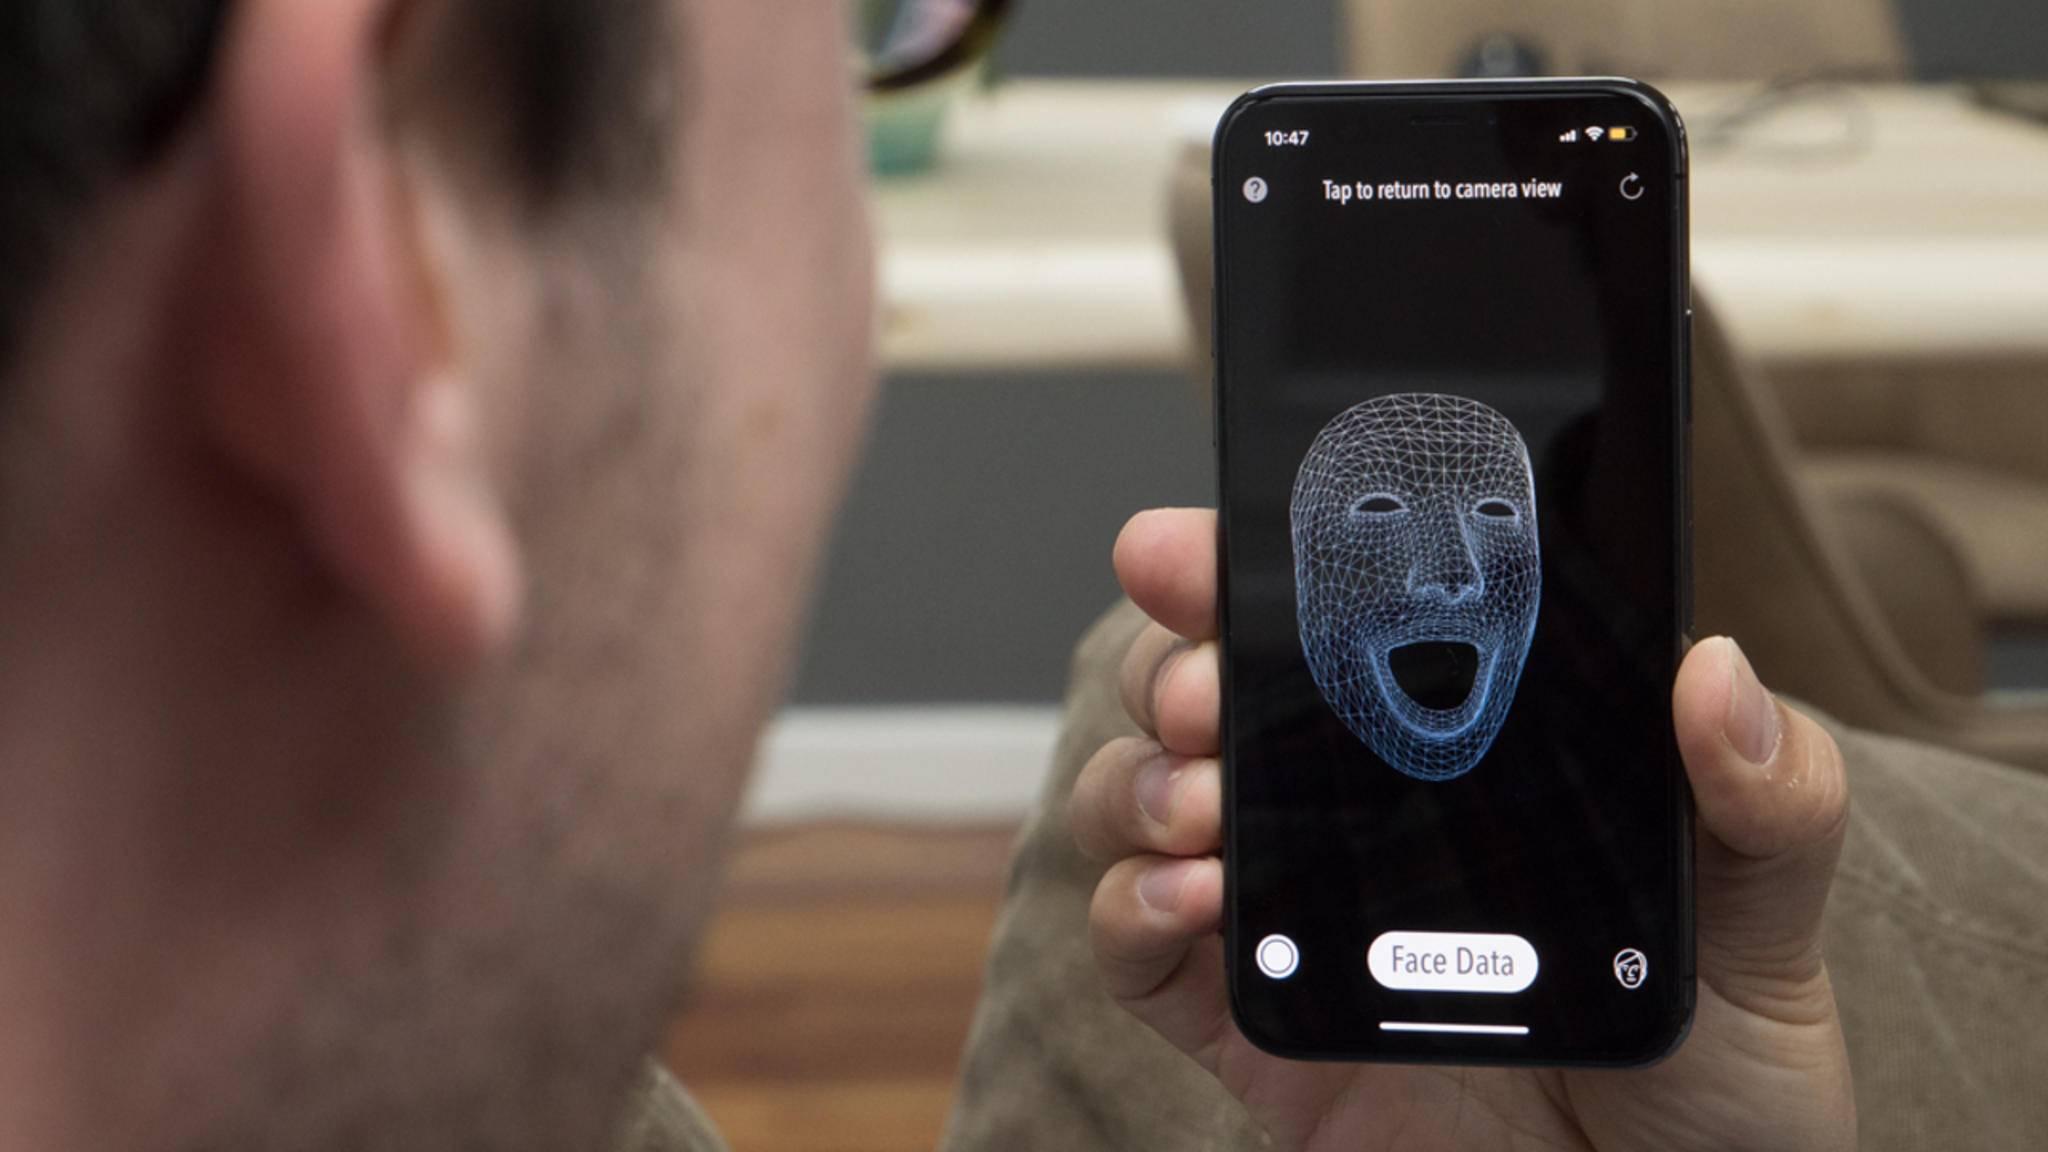 Die Entsperrung per Face ID funktioniert nur, wenn das Gesicht unverhüllt ist.